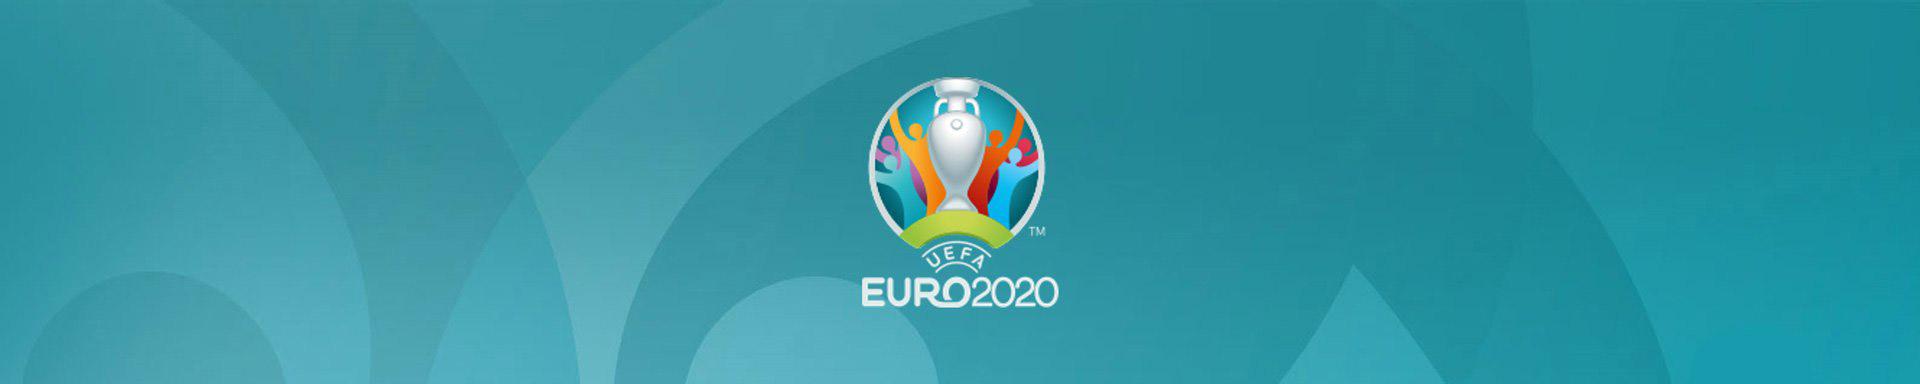 Classement des meilleurs pronostiqueurs pour l'euro 2020